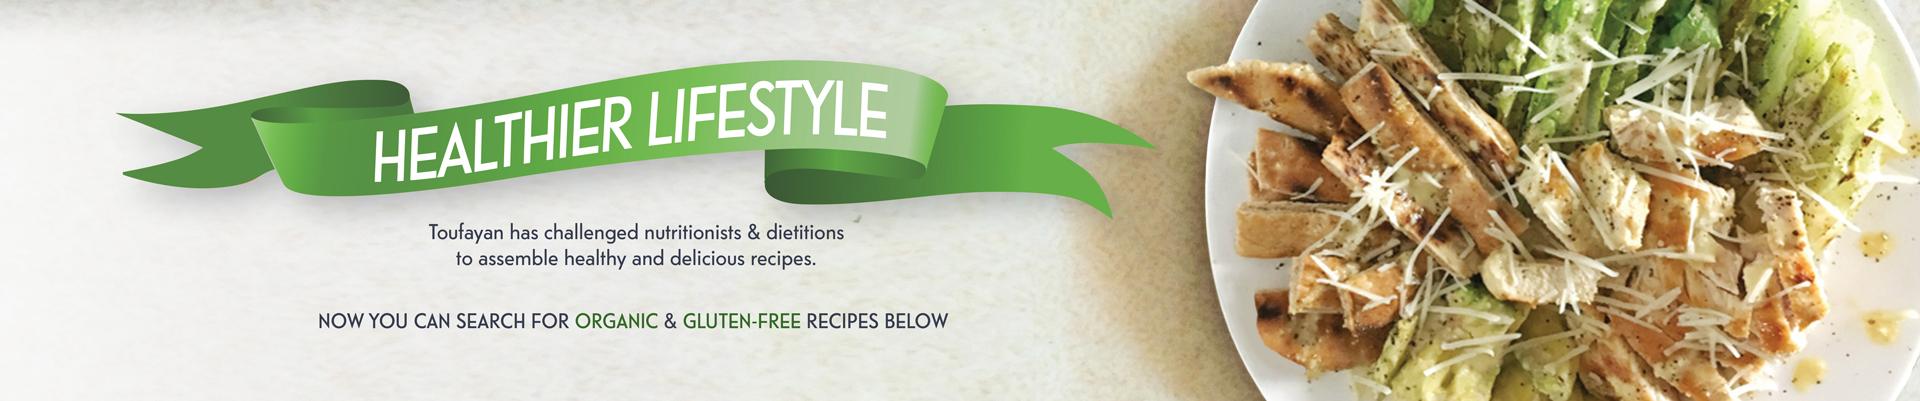 Toufayan Recipes - Healthier Lifestyle